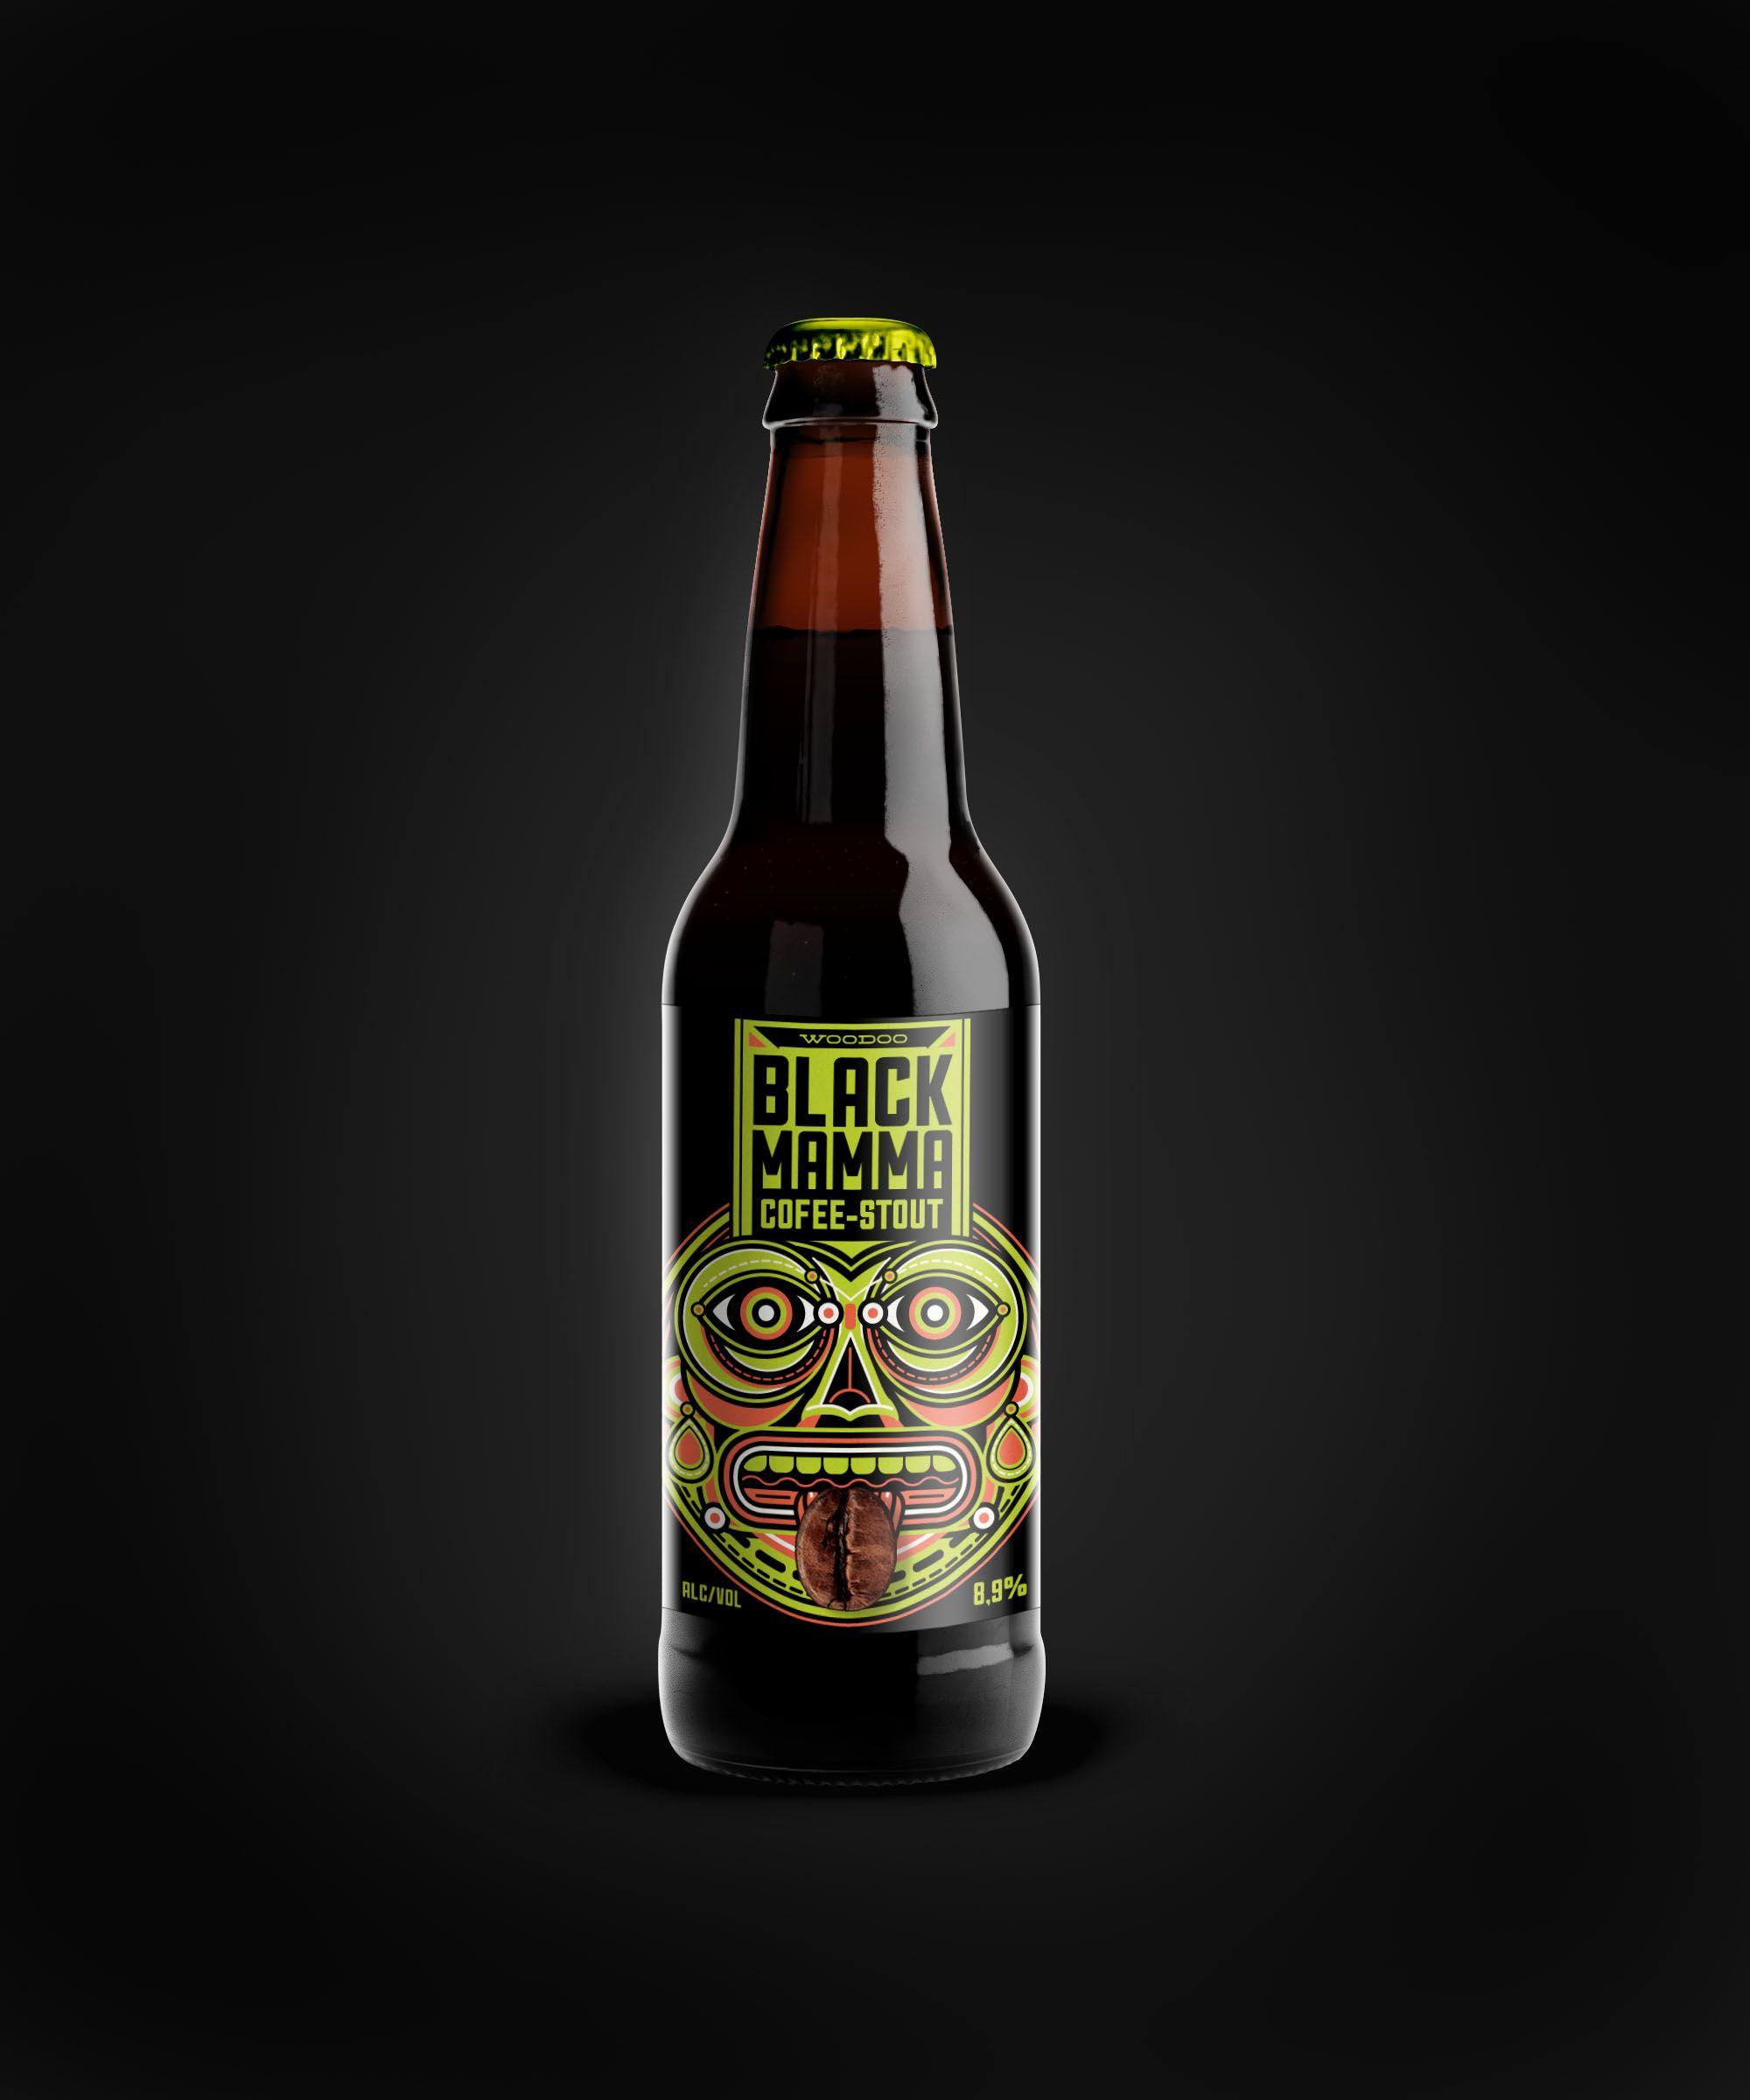 Pin by László Herbszt on Black Mamma tervek Beer bottle